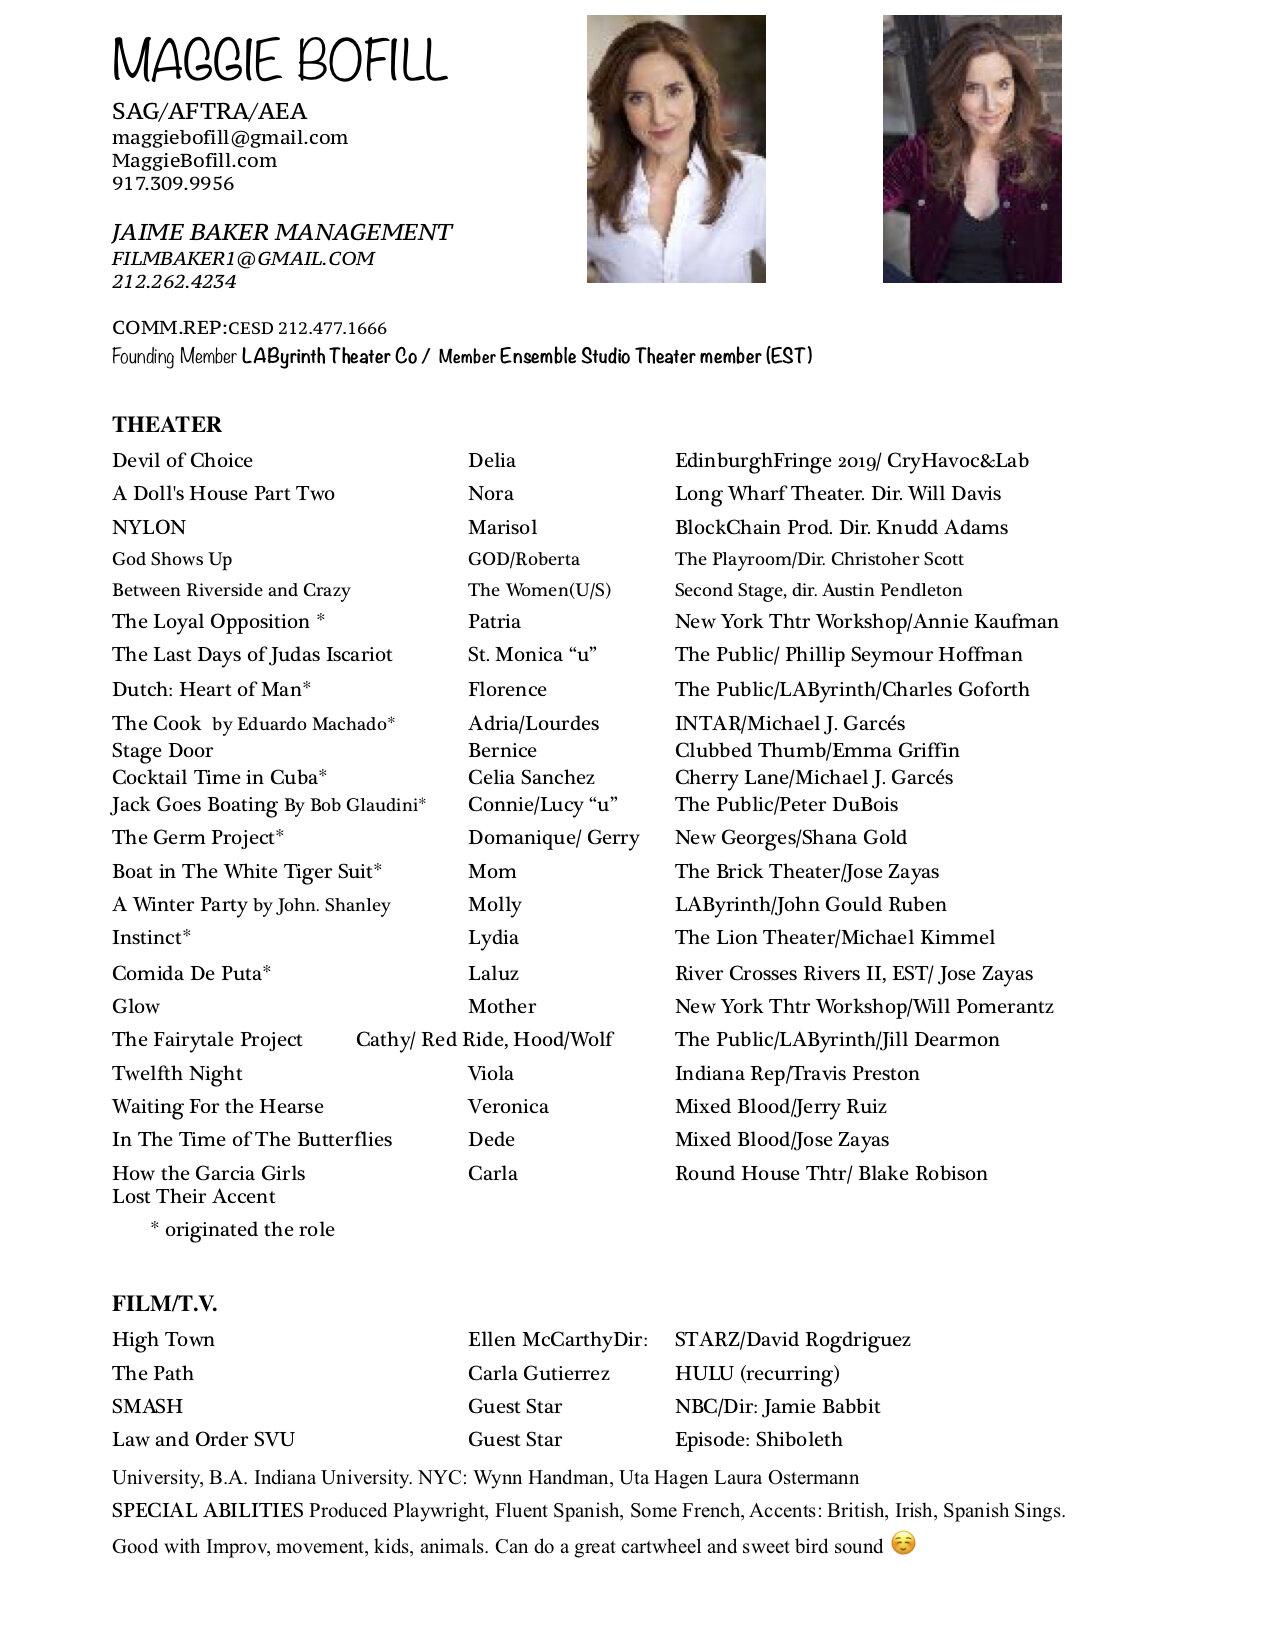 Resume Bio Actor Maggie